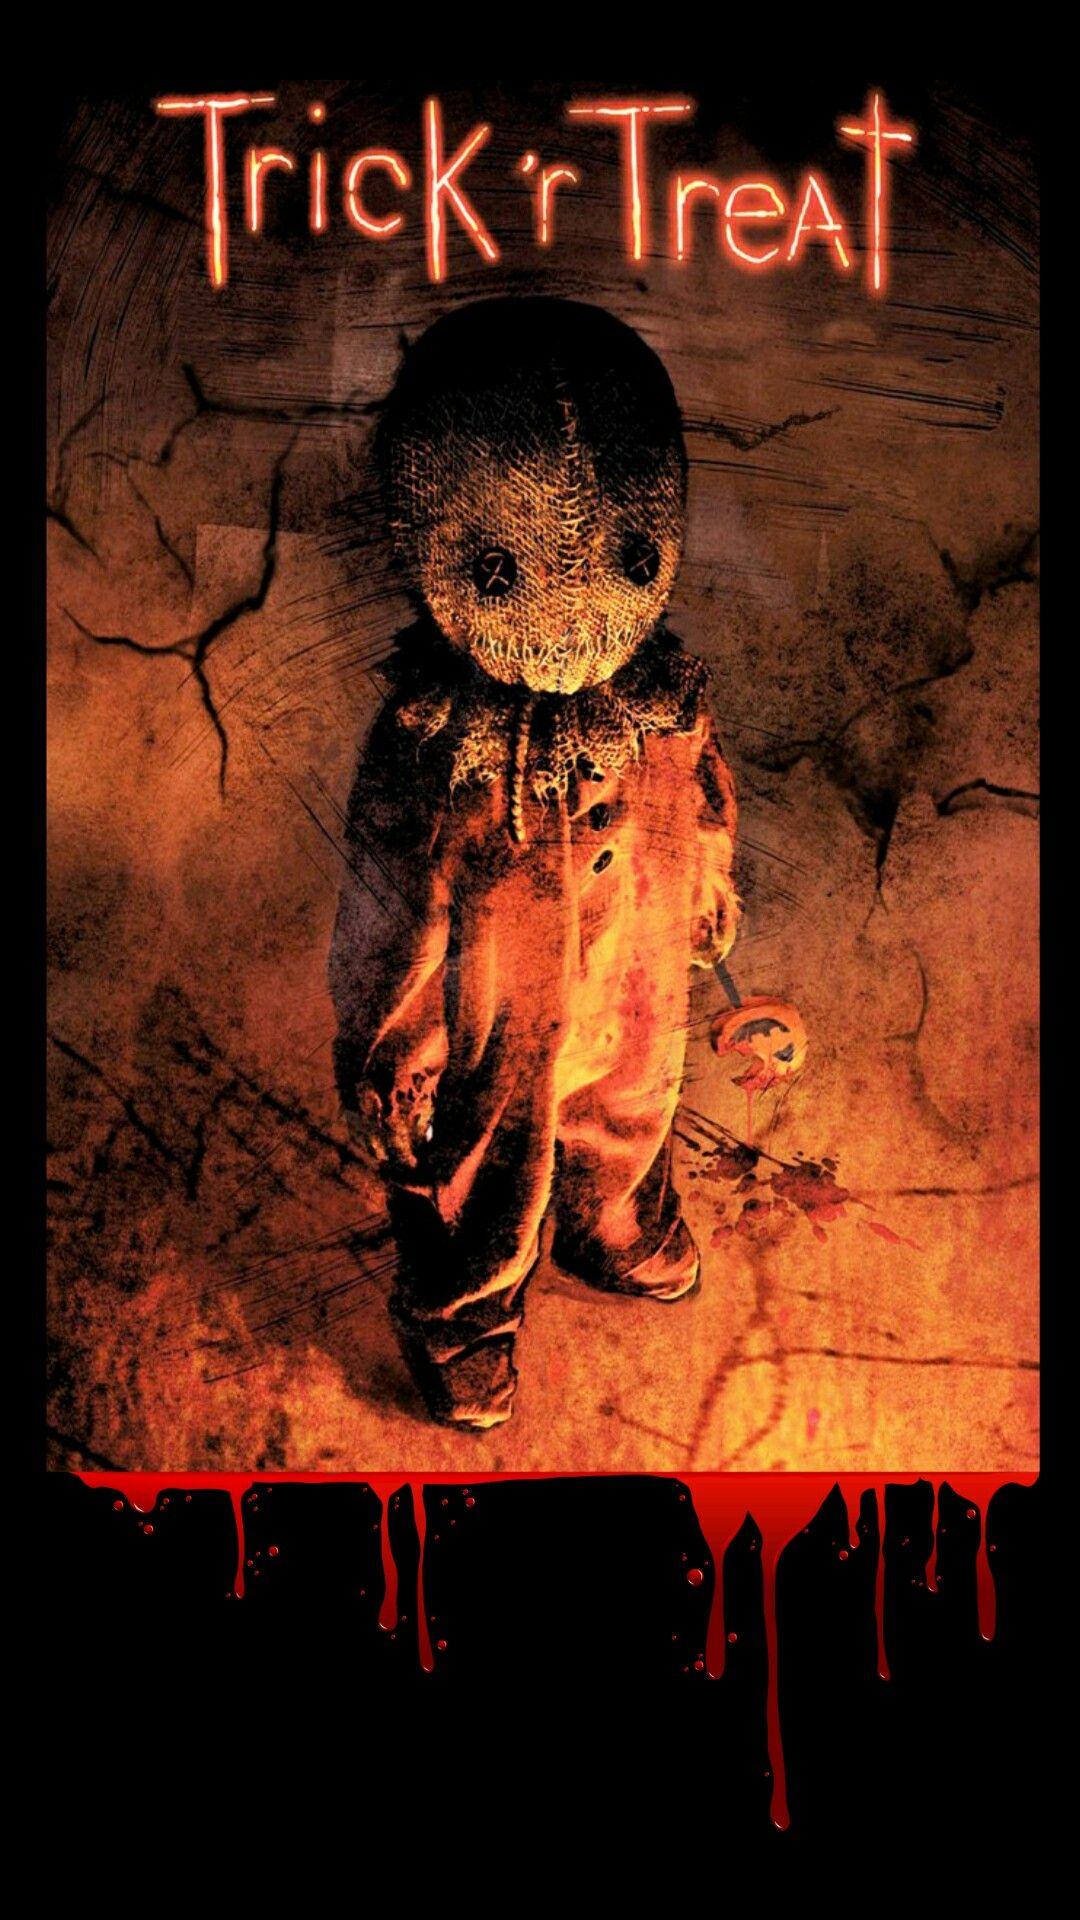 Trick R Treat Halloween Wallpaper Halloween Wallpaper Iphone